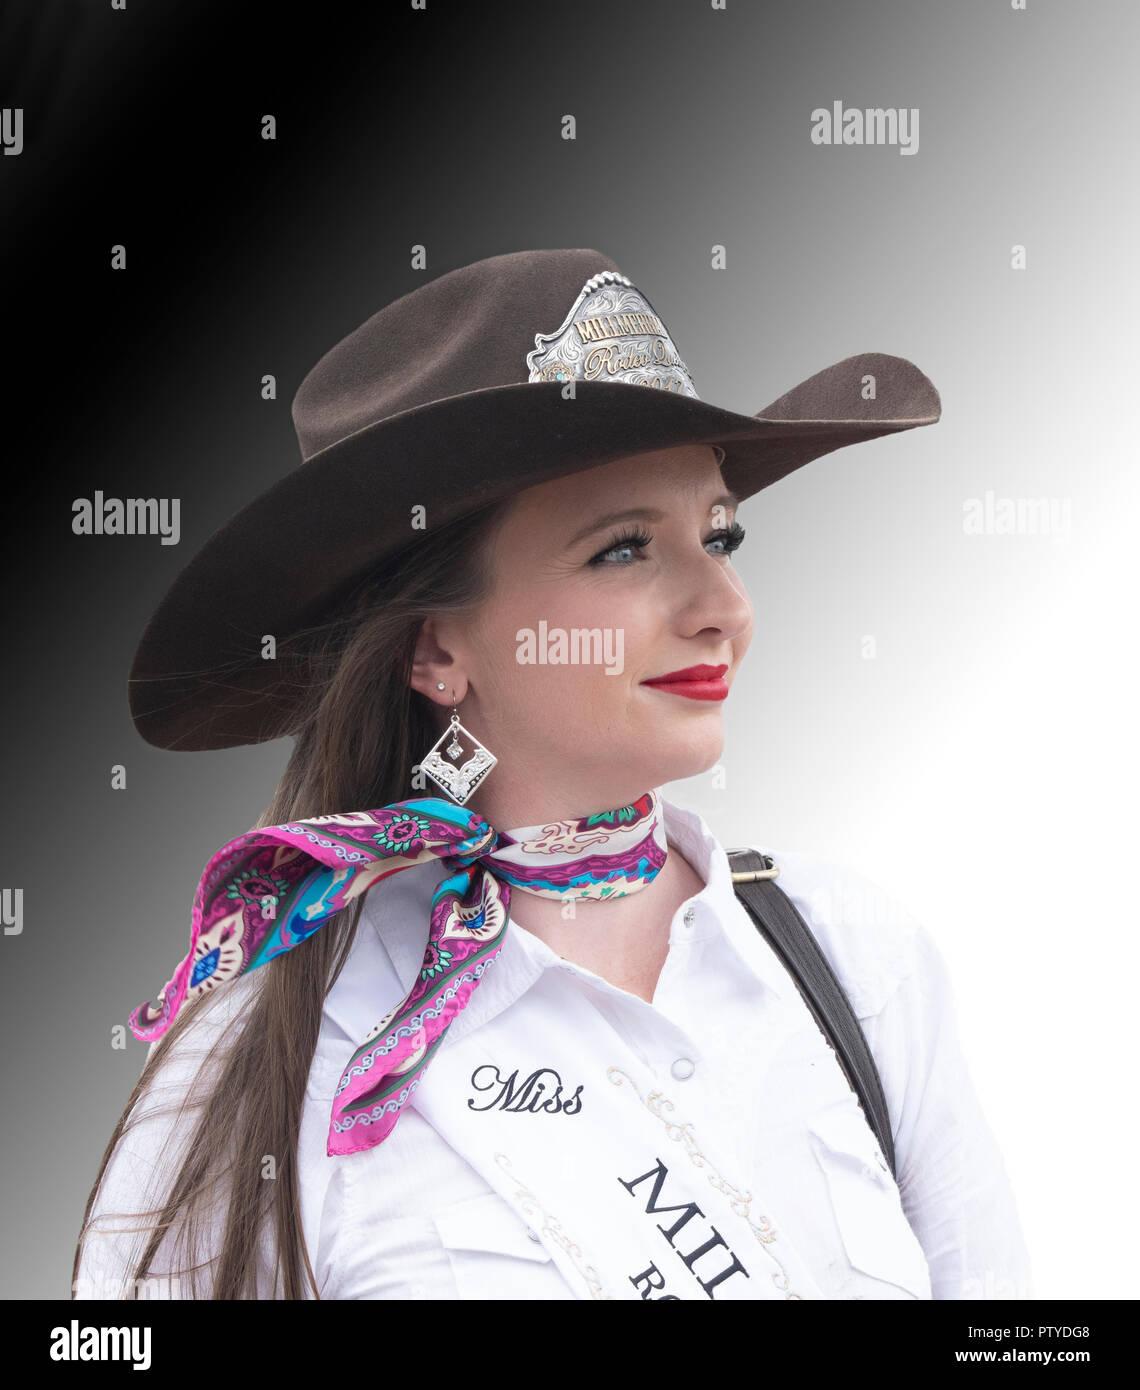 Retrato de una joven muy bonita mujer vistiendo un sombrero de vaquero ddb5b06ecd5